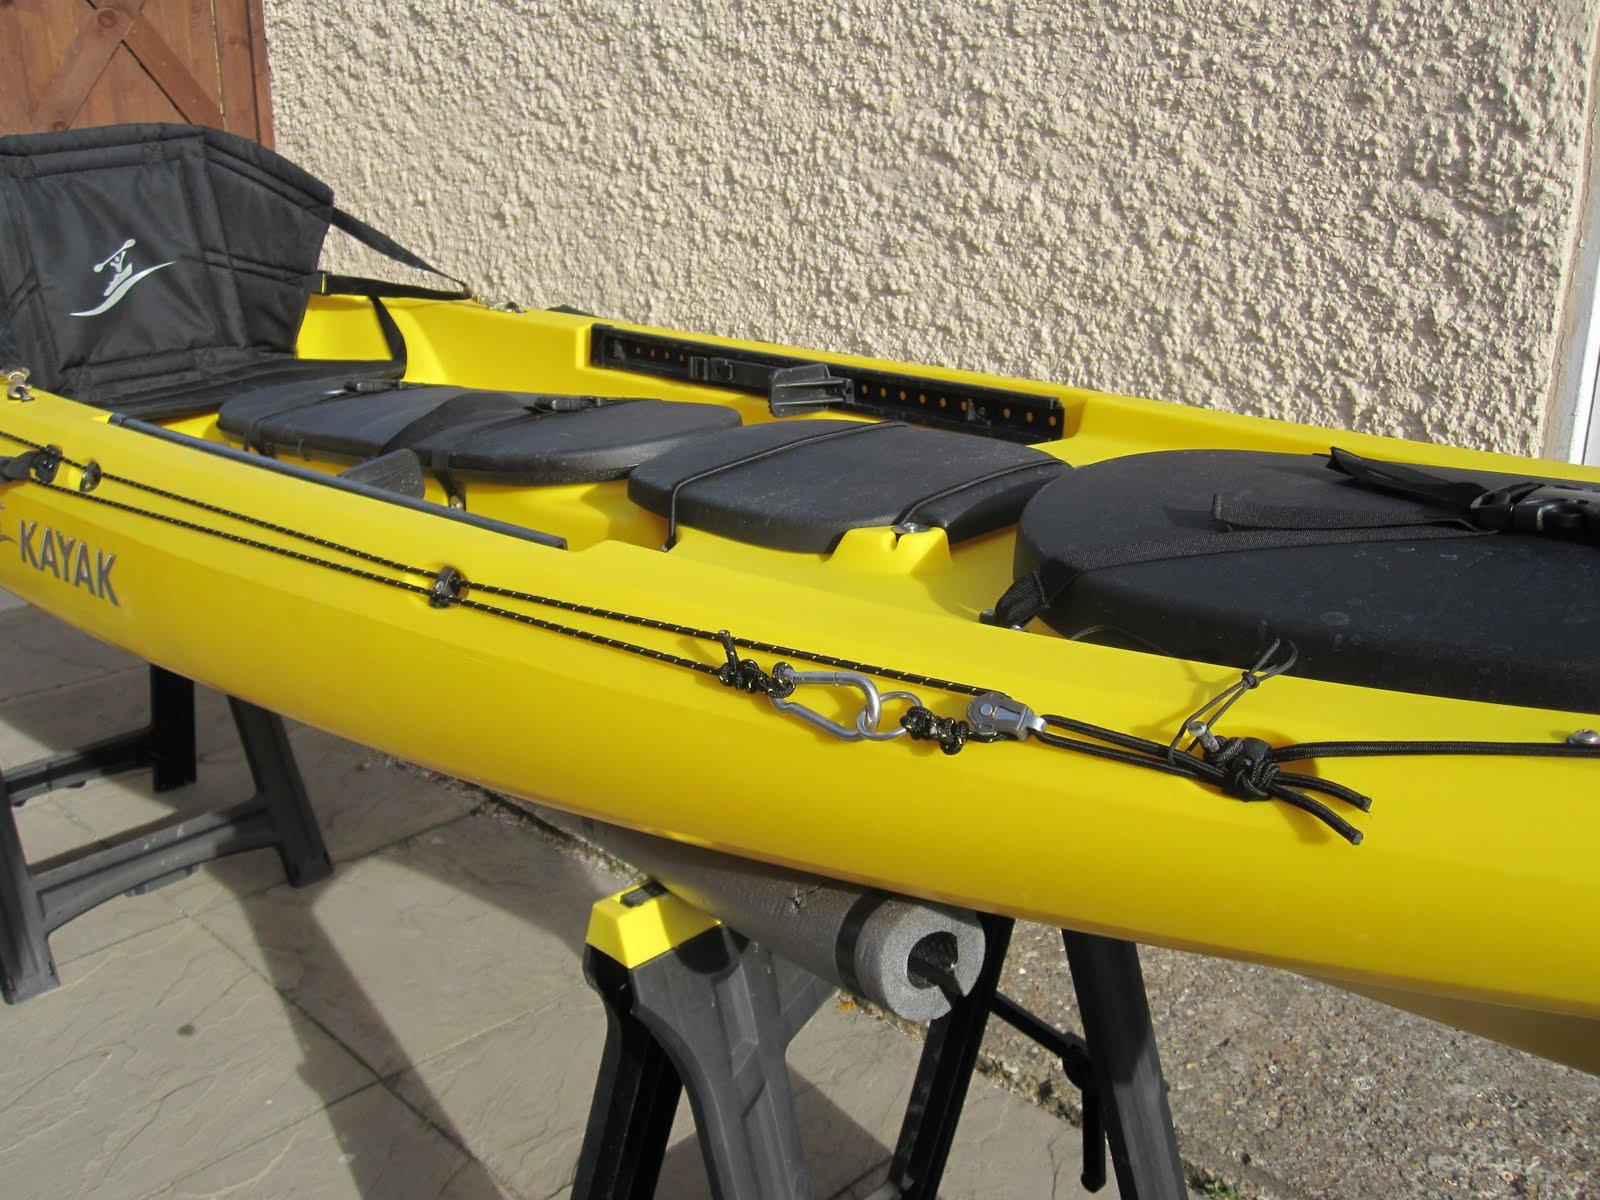 Kayak angler uk prowler trident 13 anchor trolley rigging for Fishing kayak anchor